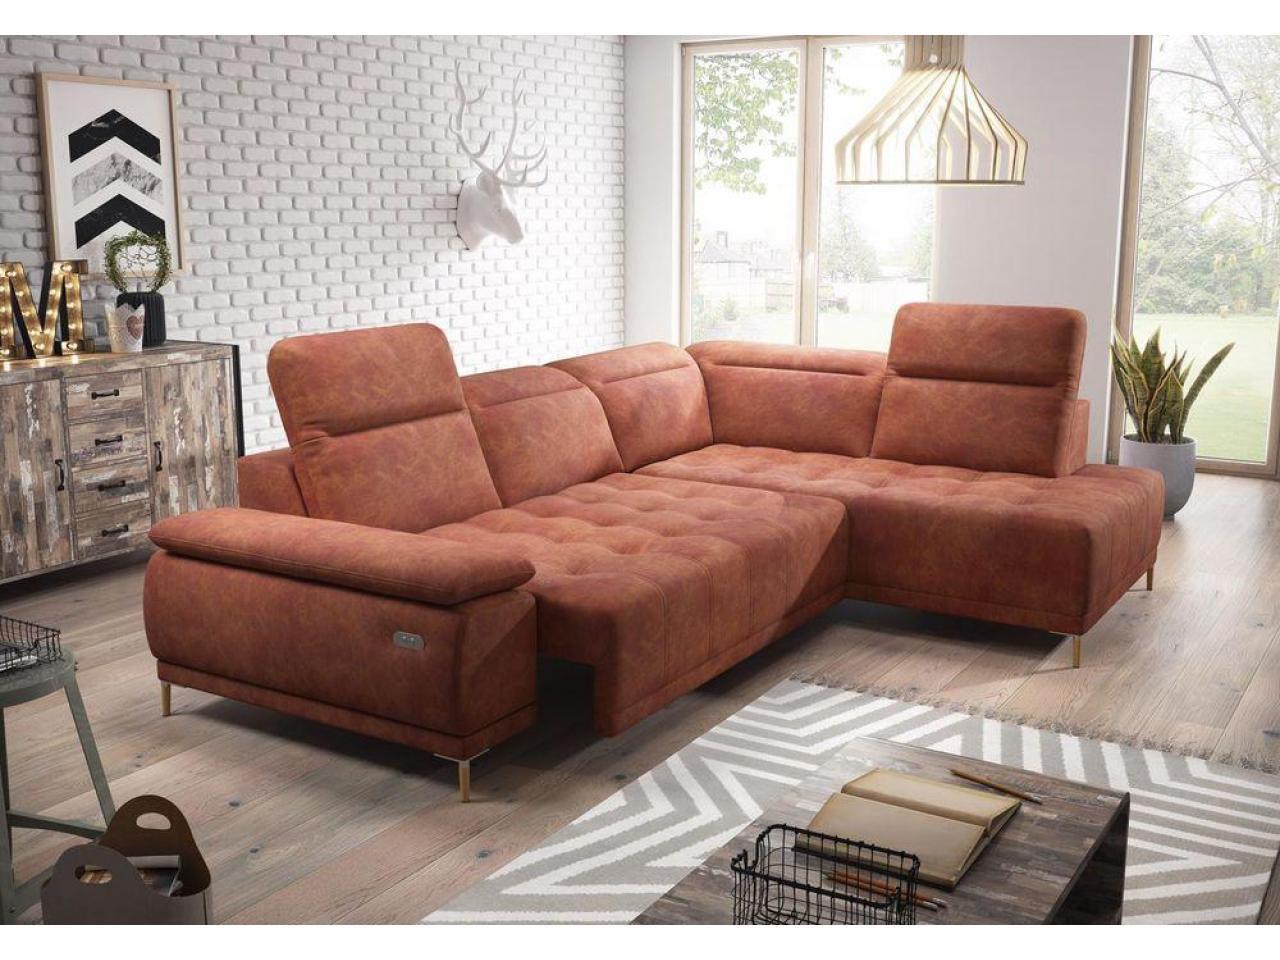 Furnipol-Мебель для дома - 2